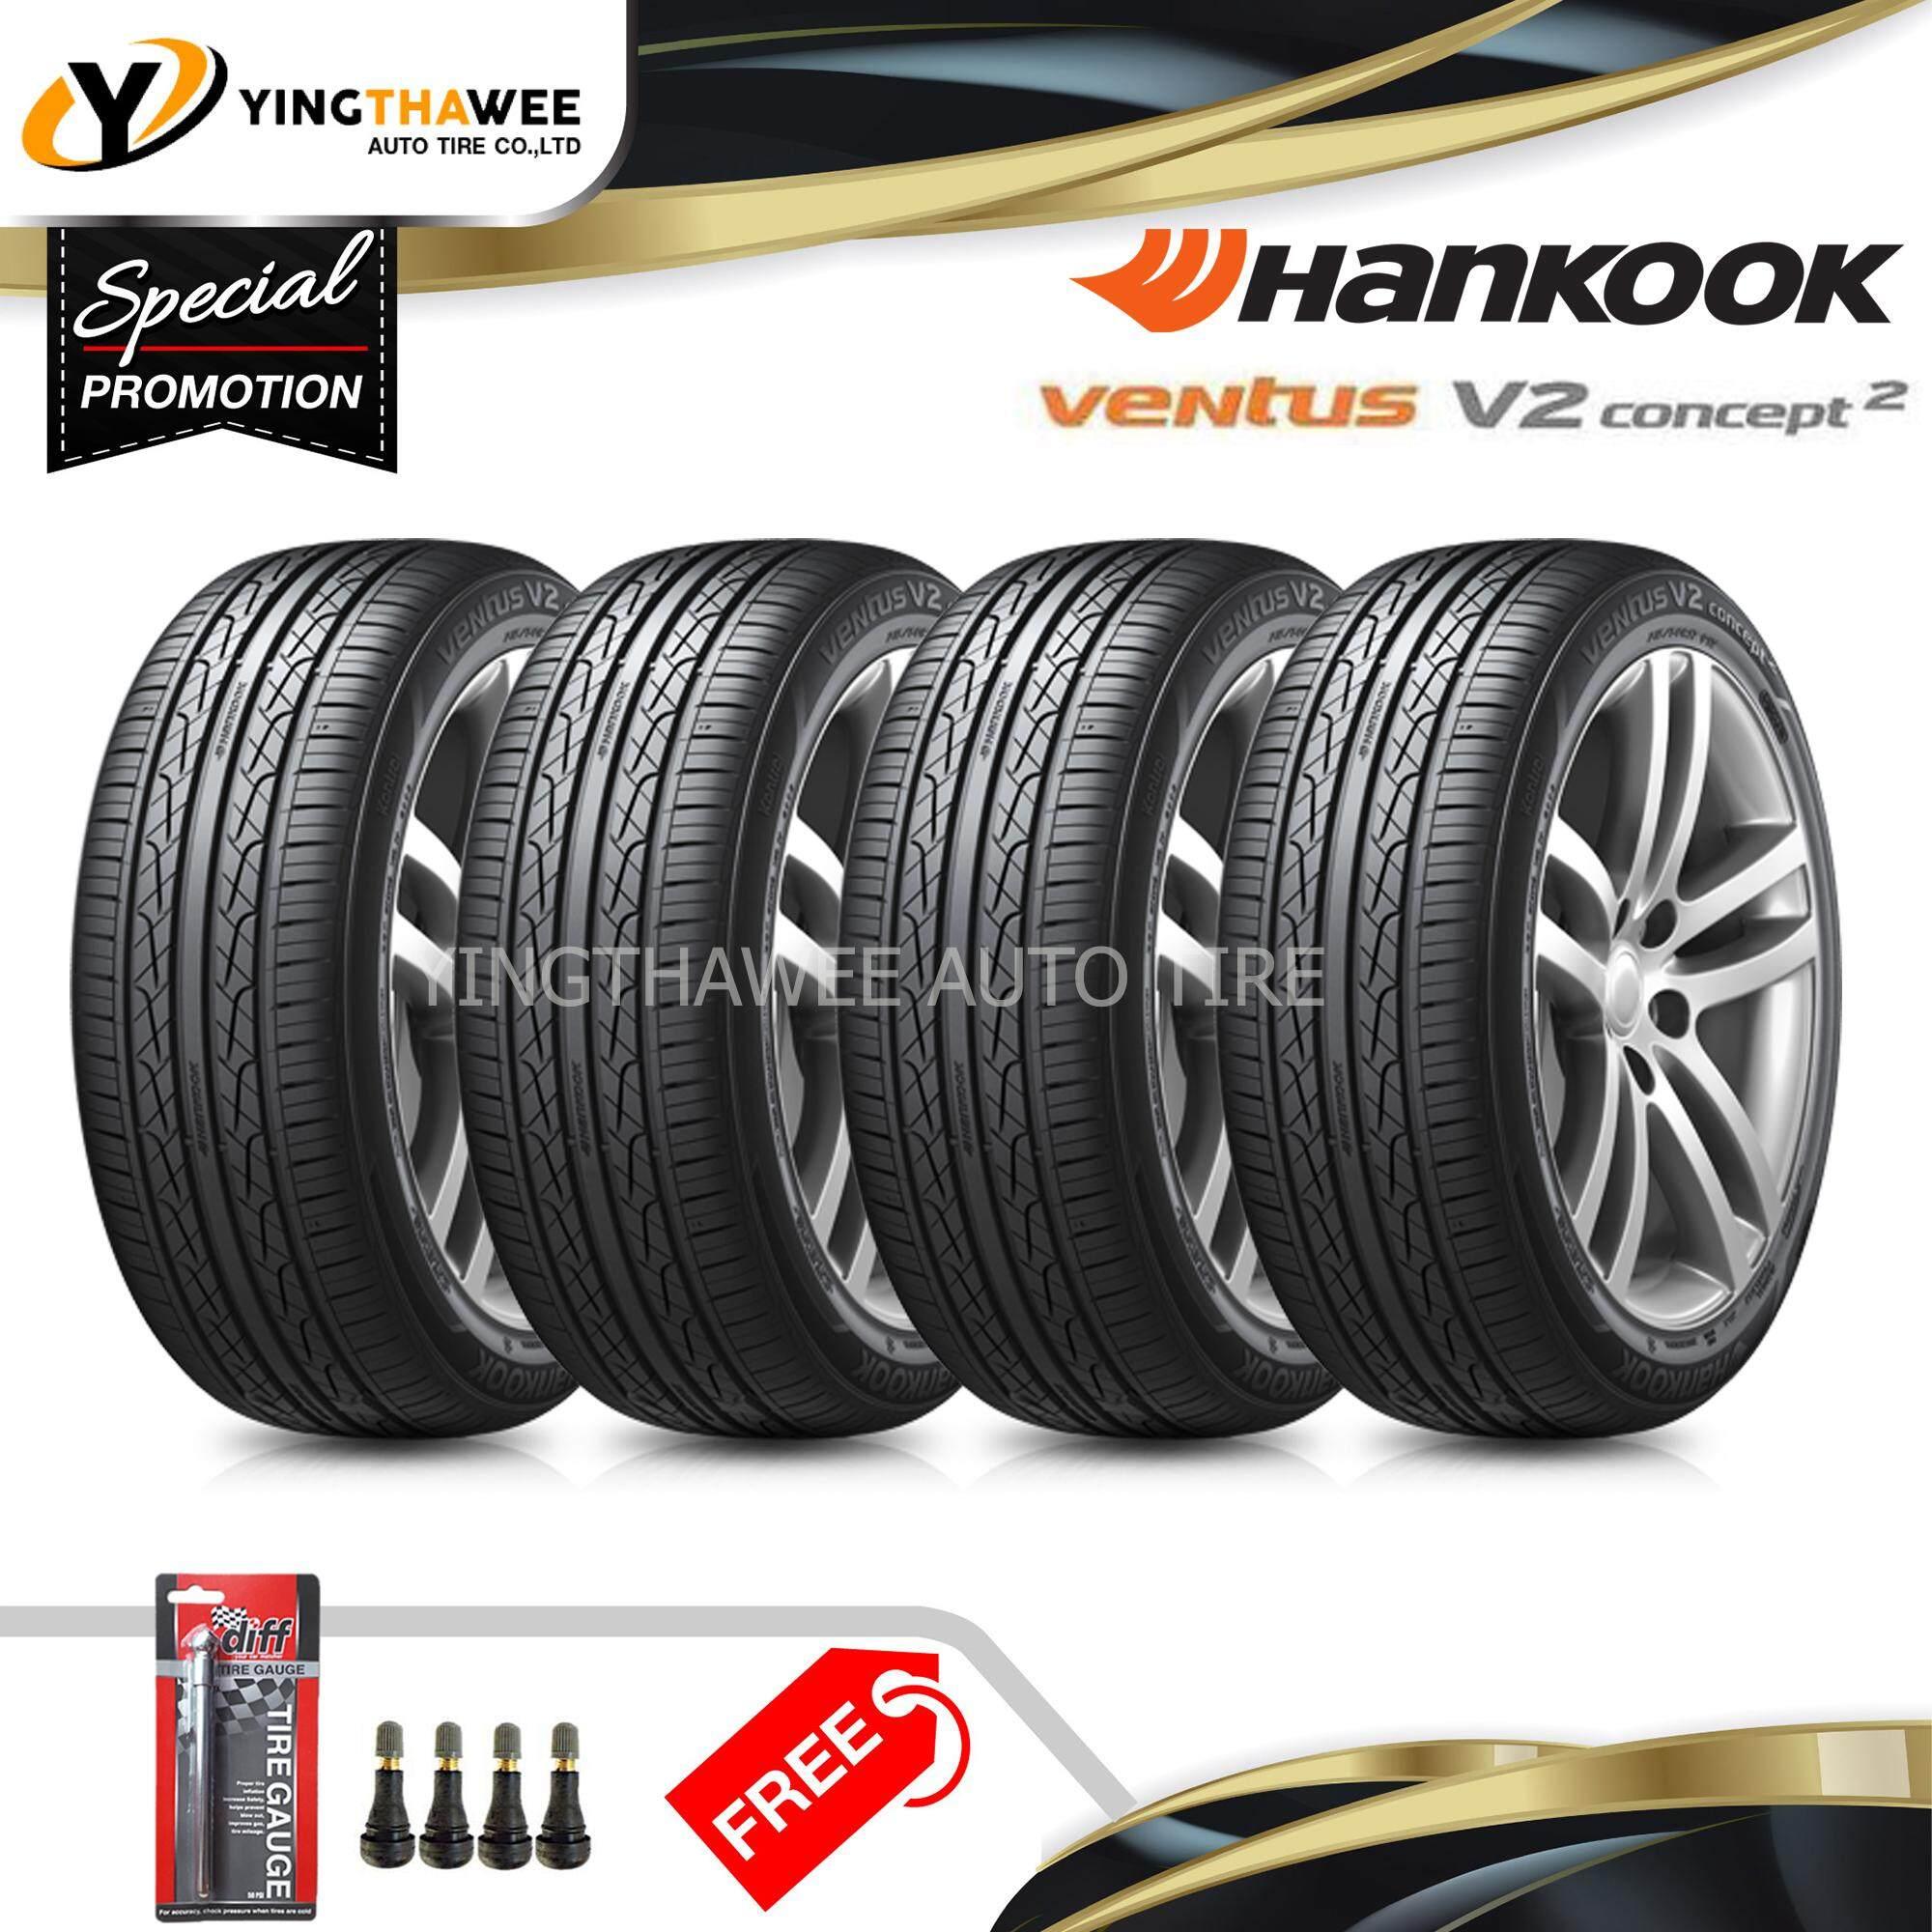 ร้อยเอ็ด HANKOOK ยางรถยนต์ 185/55R16 รุ่น V2  4 เส้น (แถมจุ๊บยางหัวทองเหลือง 4 ตัว + เกจวัดลมยาง 1 ตัว)